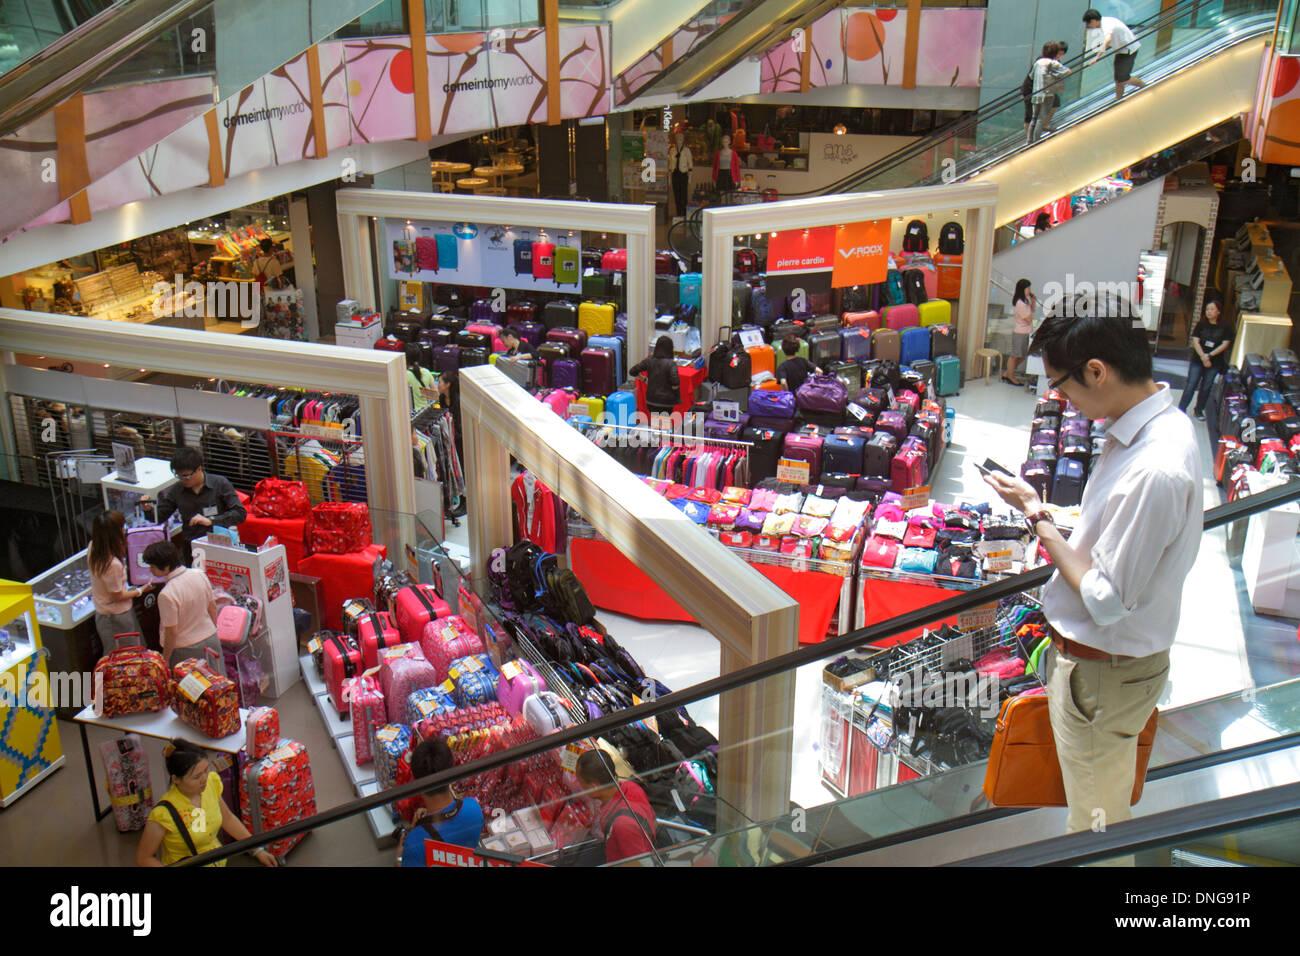 Hong Kong China Kowloon Tsim Sha Tsui Sogo Department Store